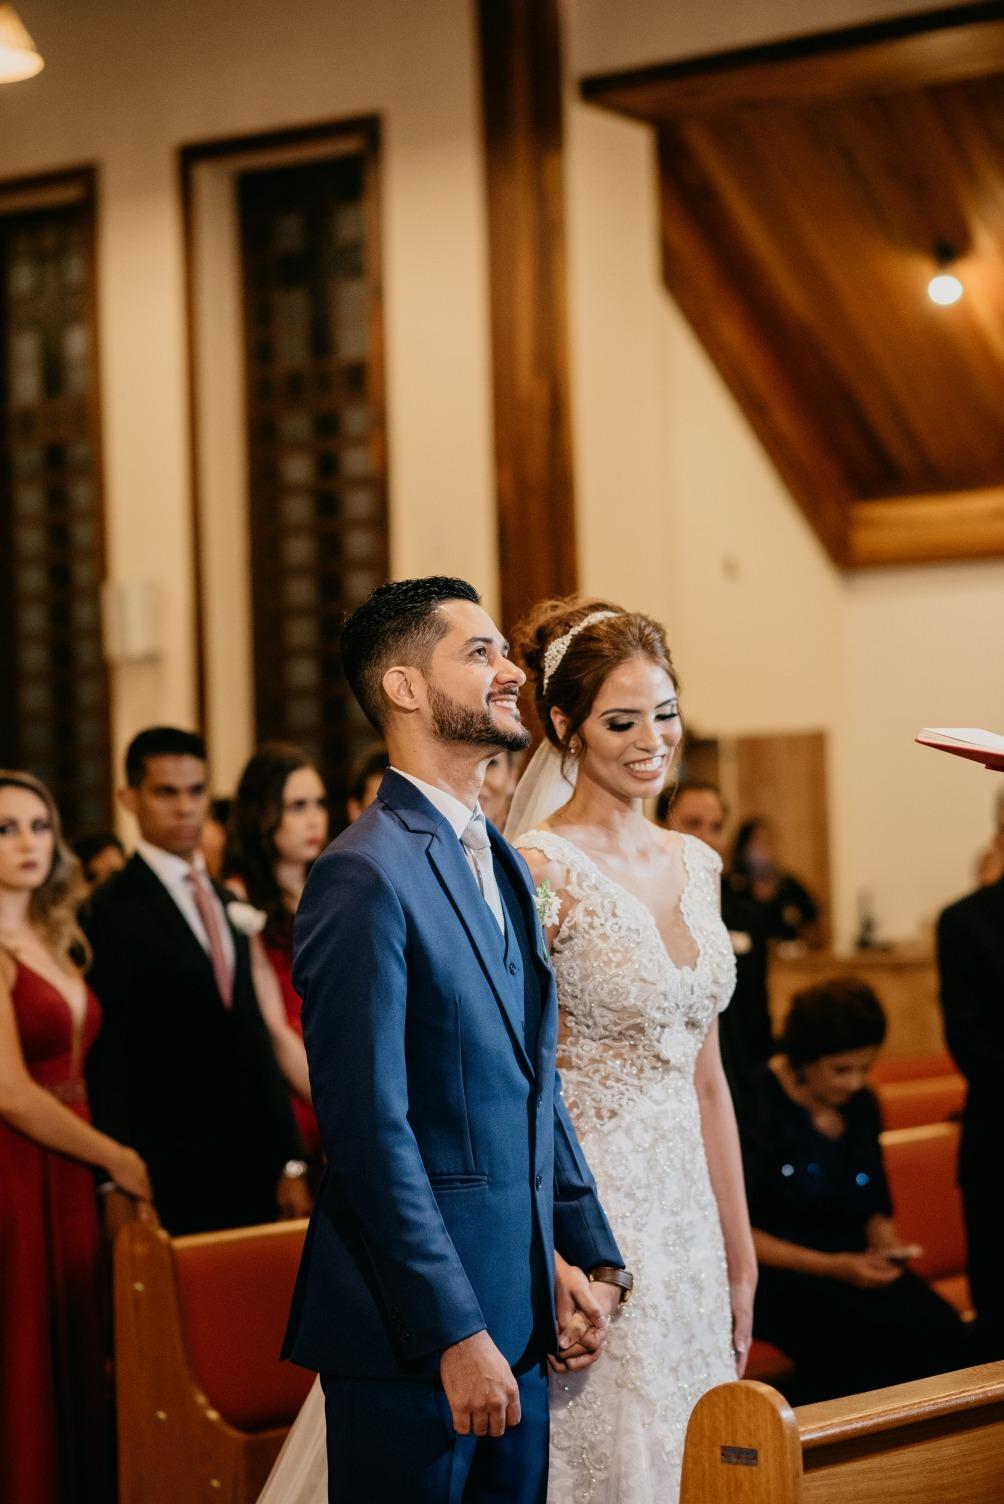 Casamento em Belo Horizonte de Raisa e Gustavo - Foto Alexandre Lizardo - Vestido Zephora Linha Premium